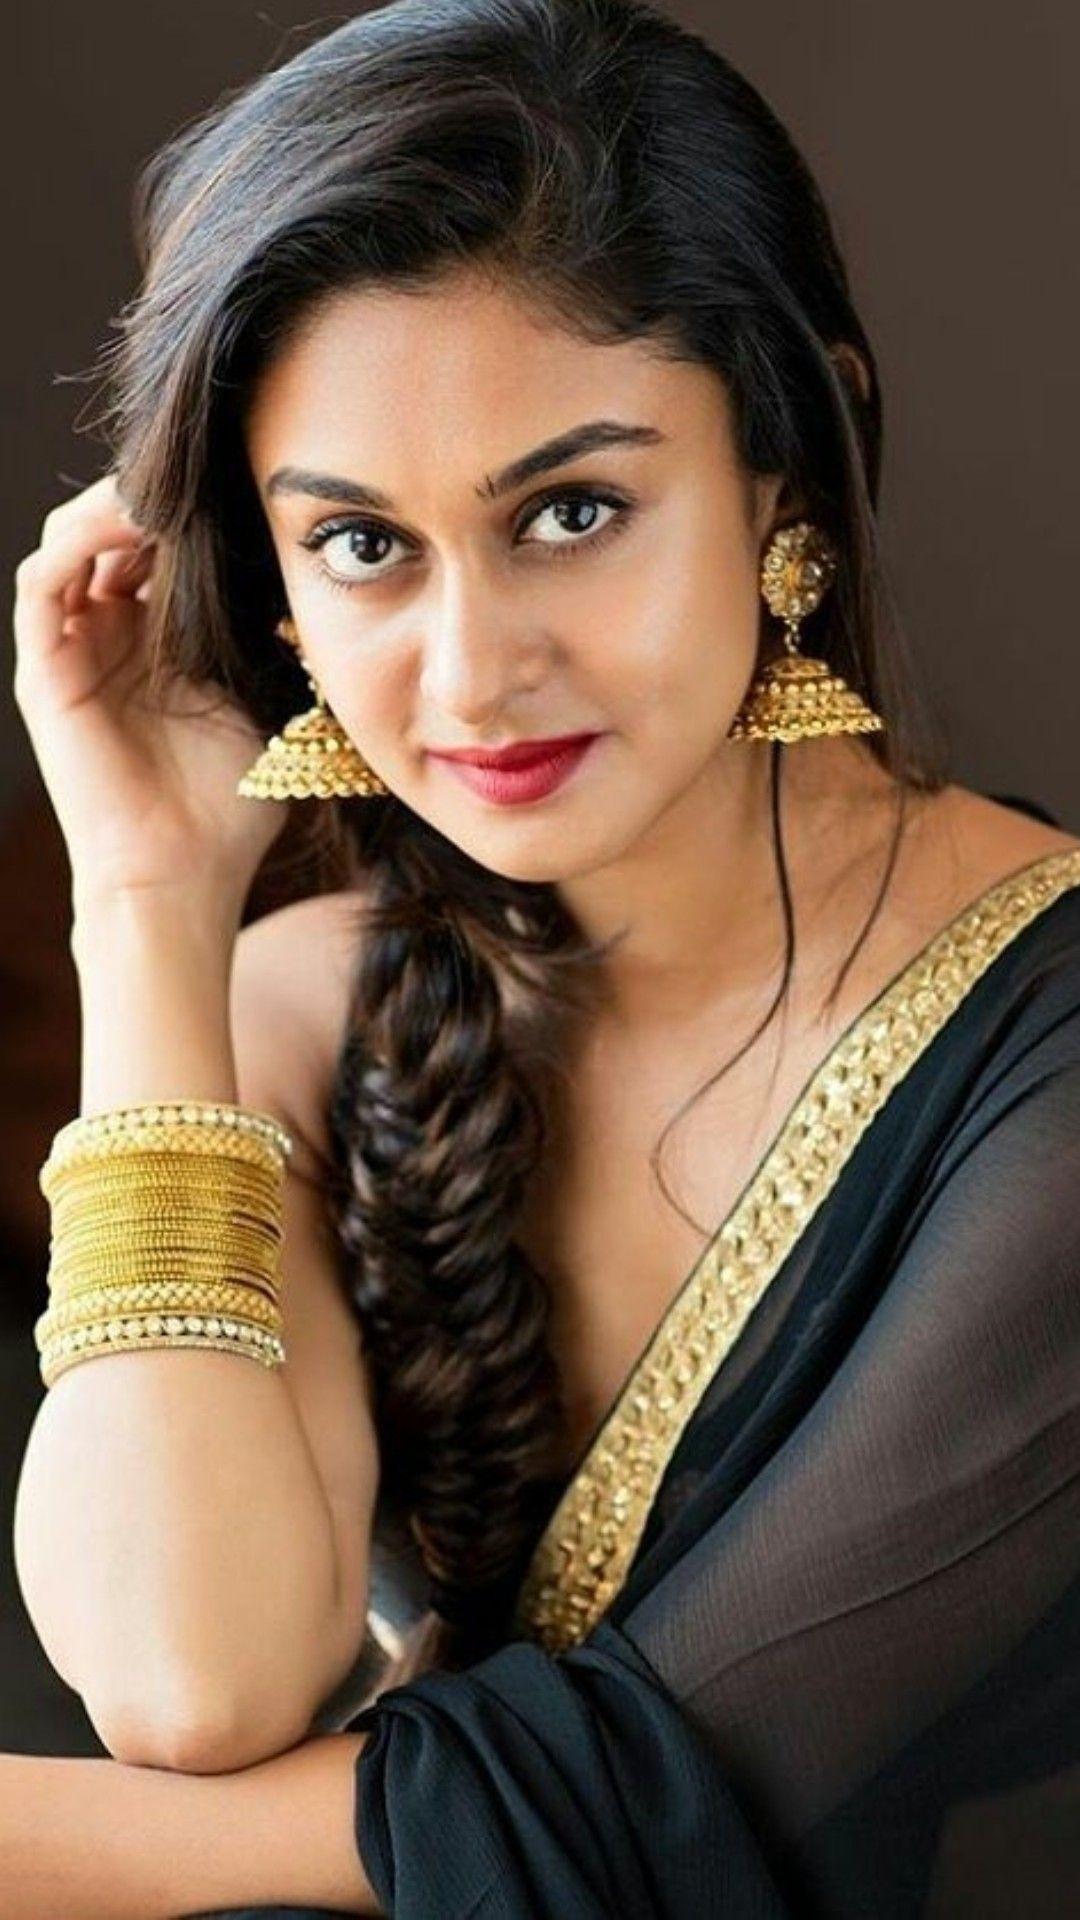 Aishwarya arjun   Actresses, Photoshoot, Beauty